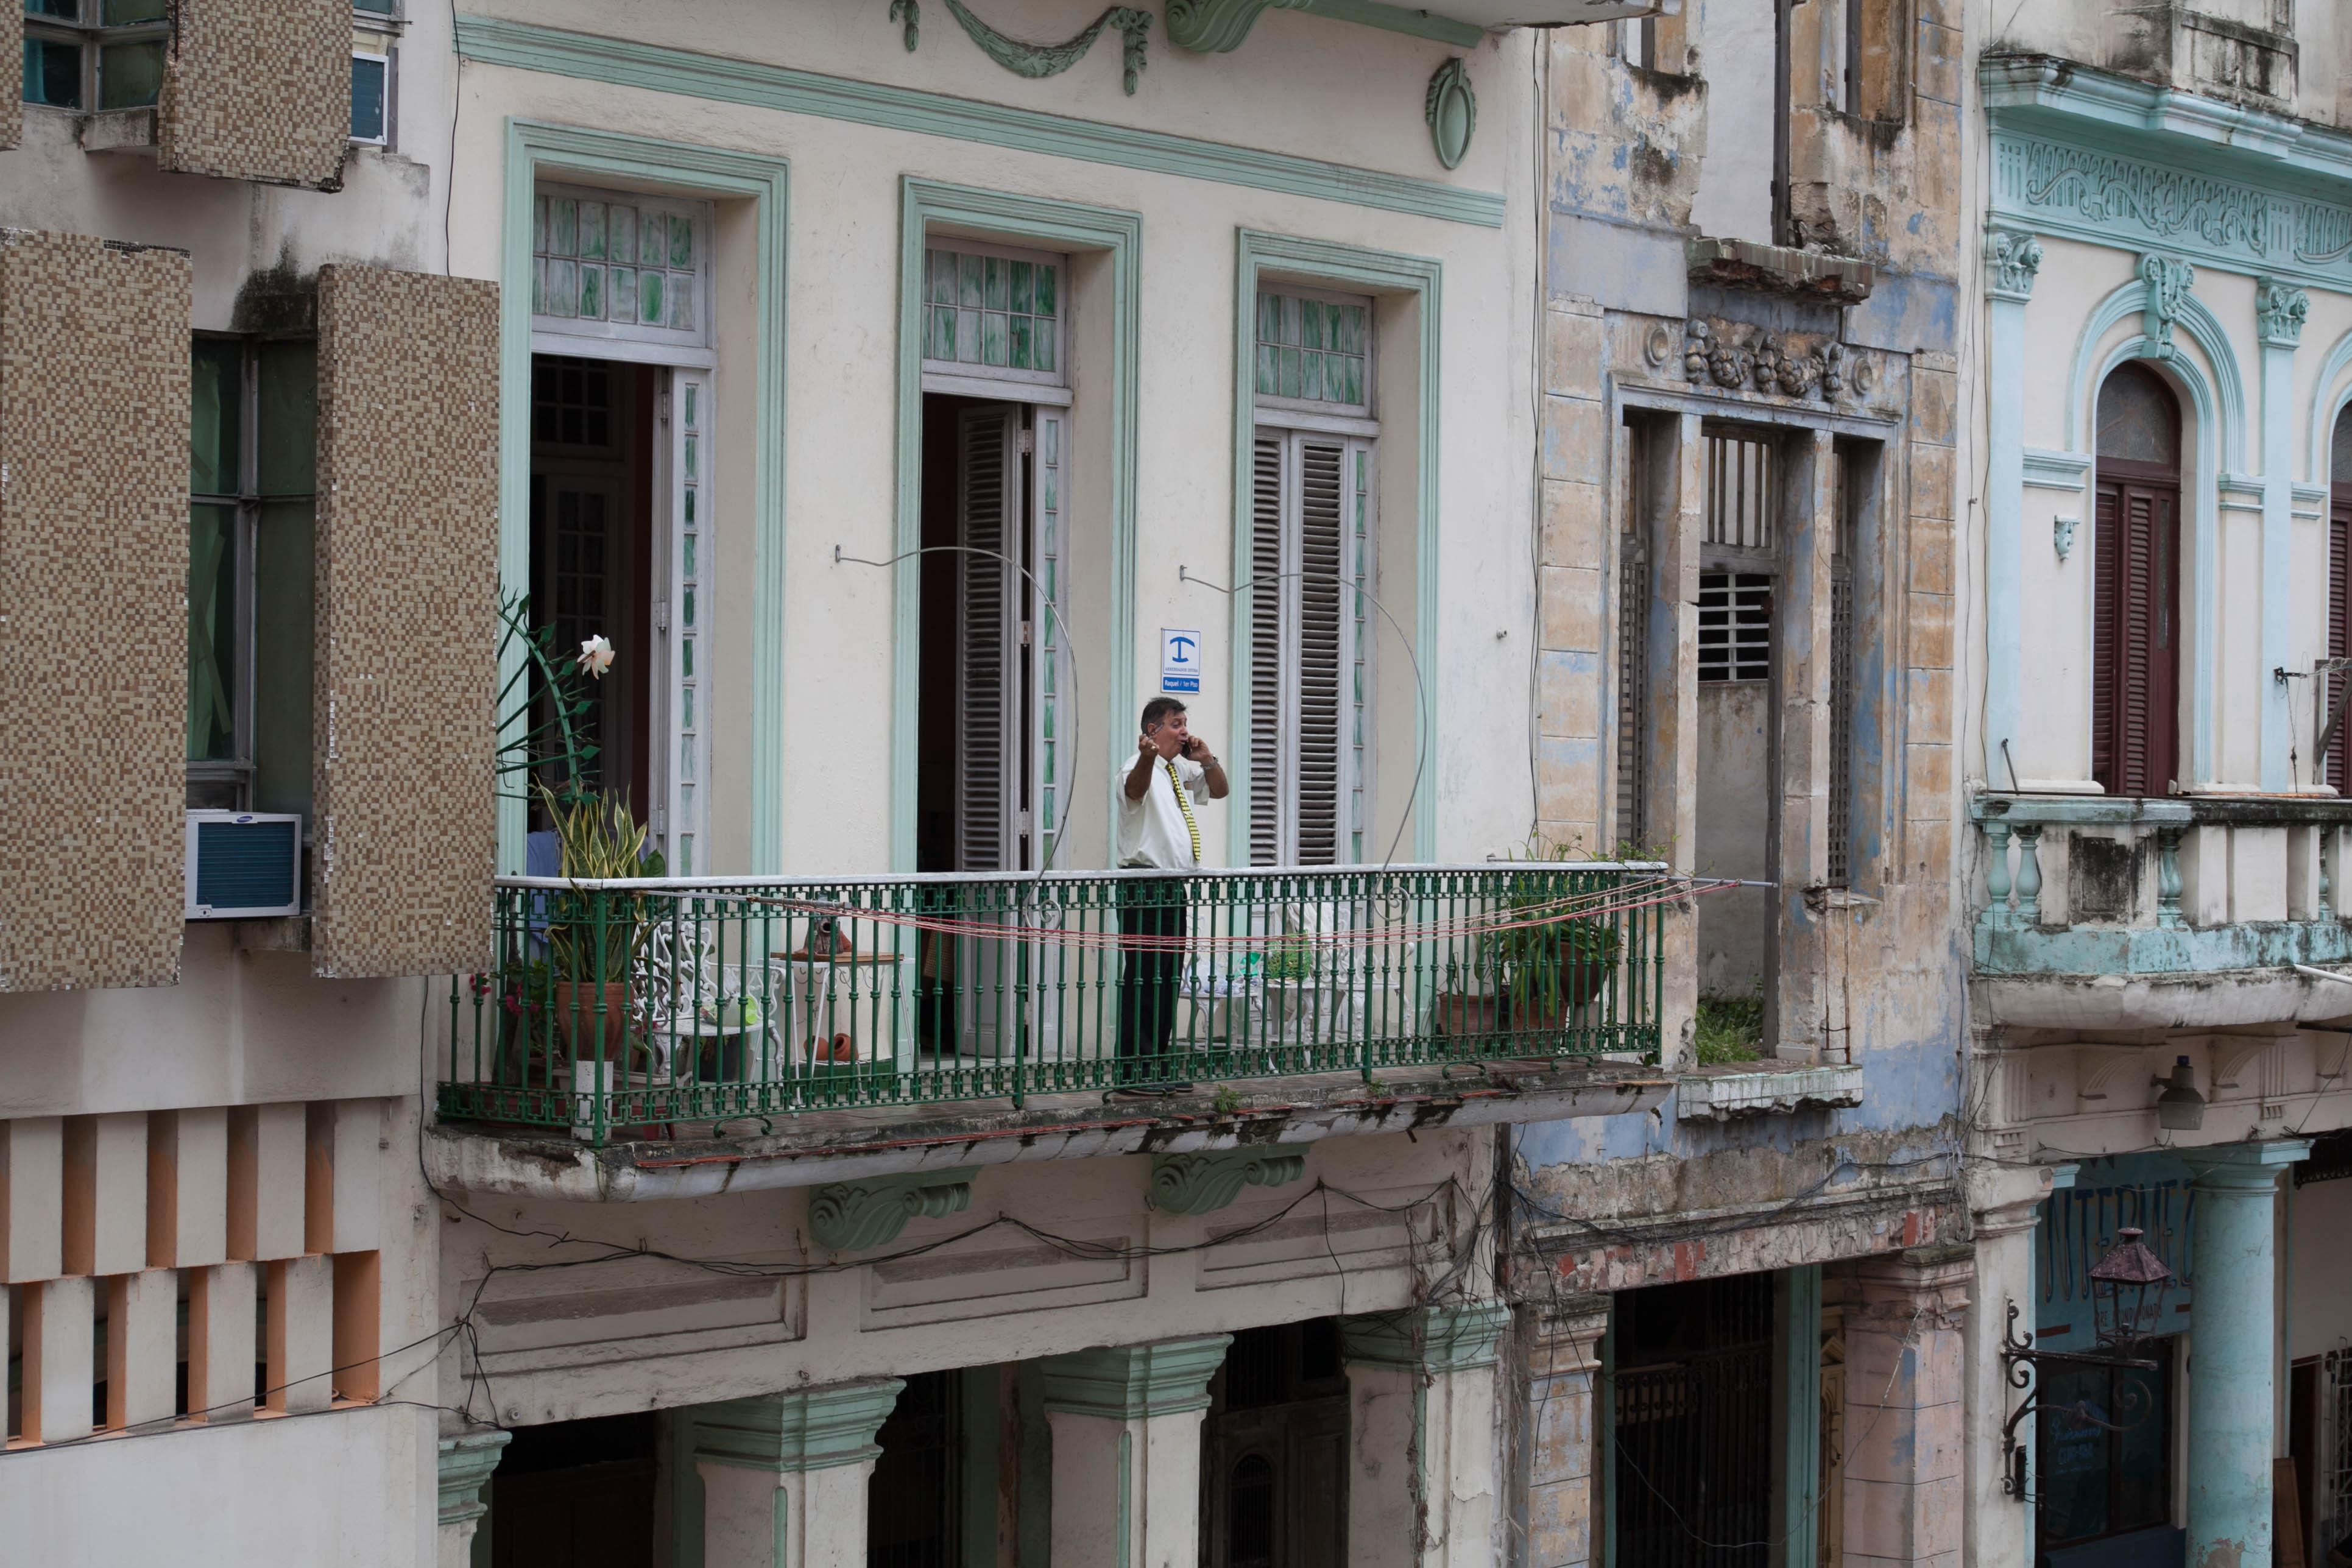 Em Habana Vieja, pousadas familiares e apartamentos residenciais se misturam ao comércio. Foto: Veruscka Girio